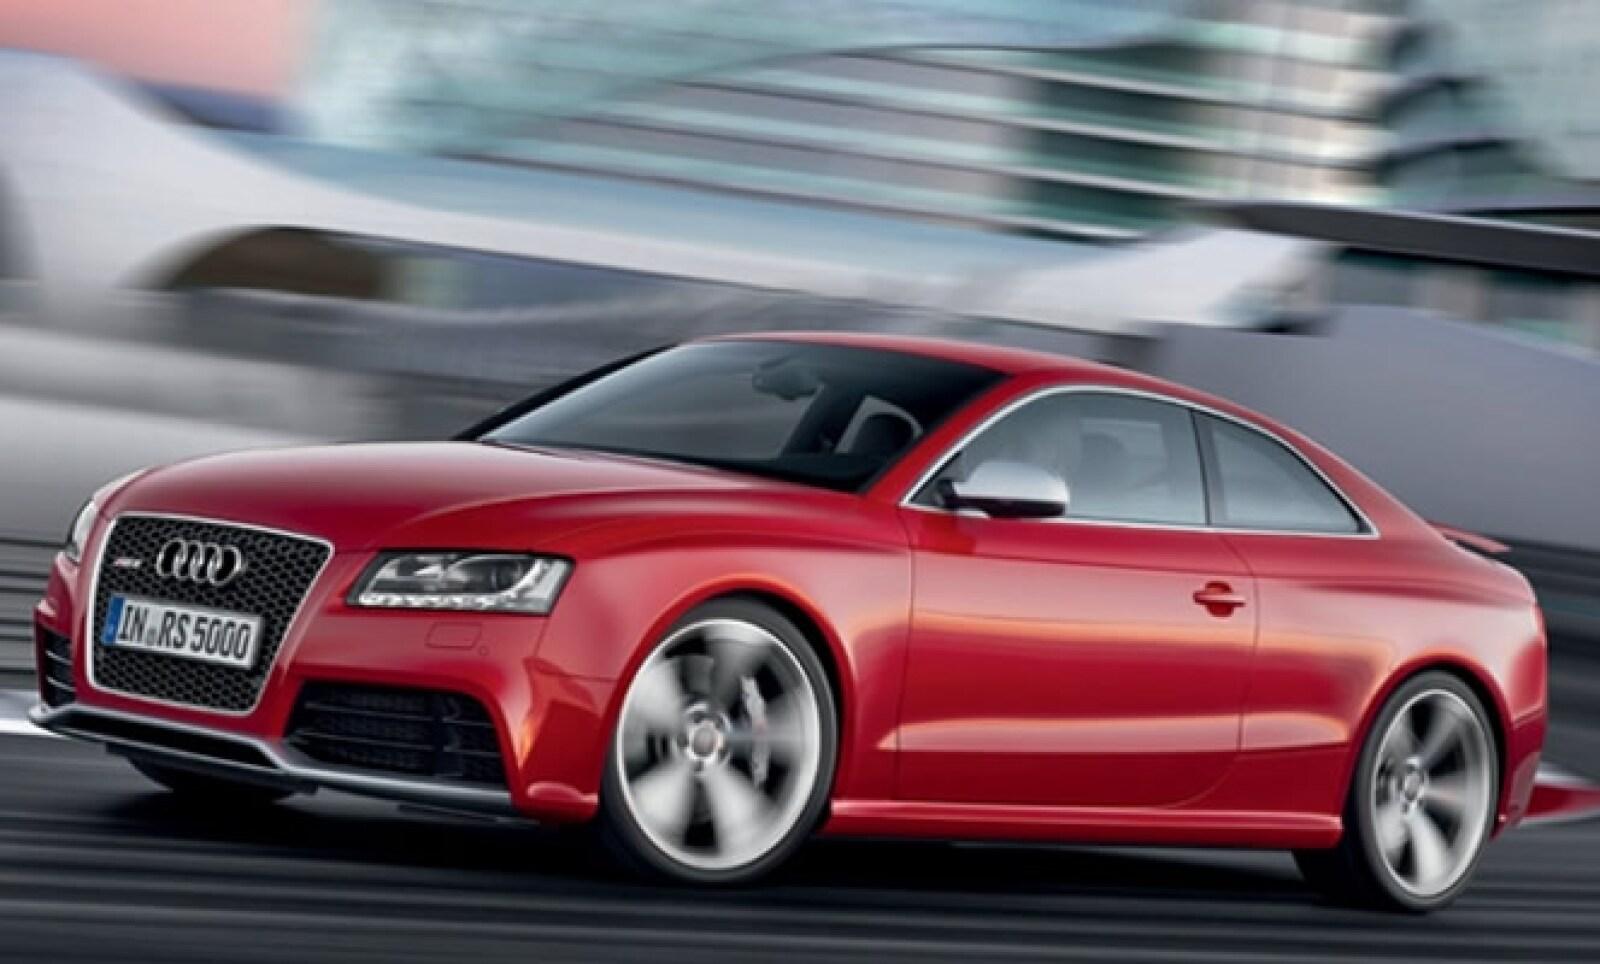 Este vehículo combina la deportividad con la elegancia clásica, y sigue la línea del concepto de la dinámica superior en la clase media.